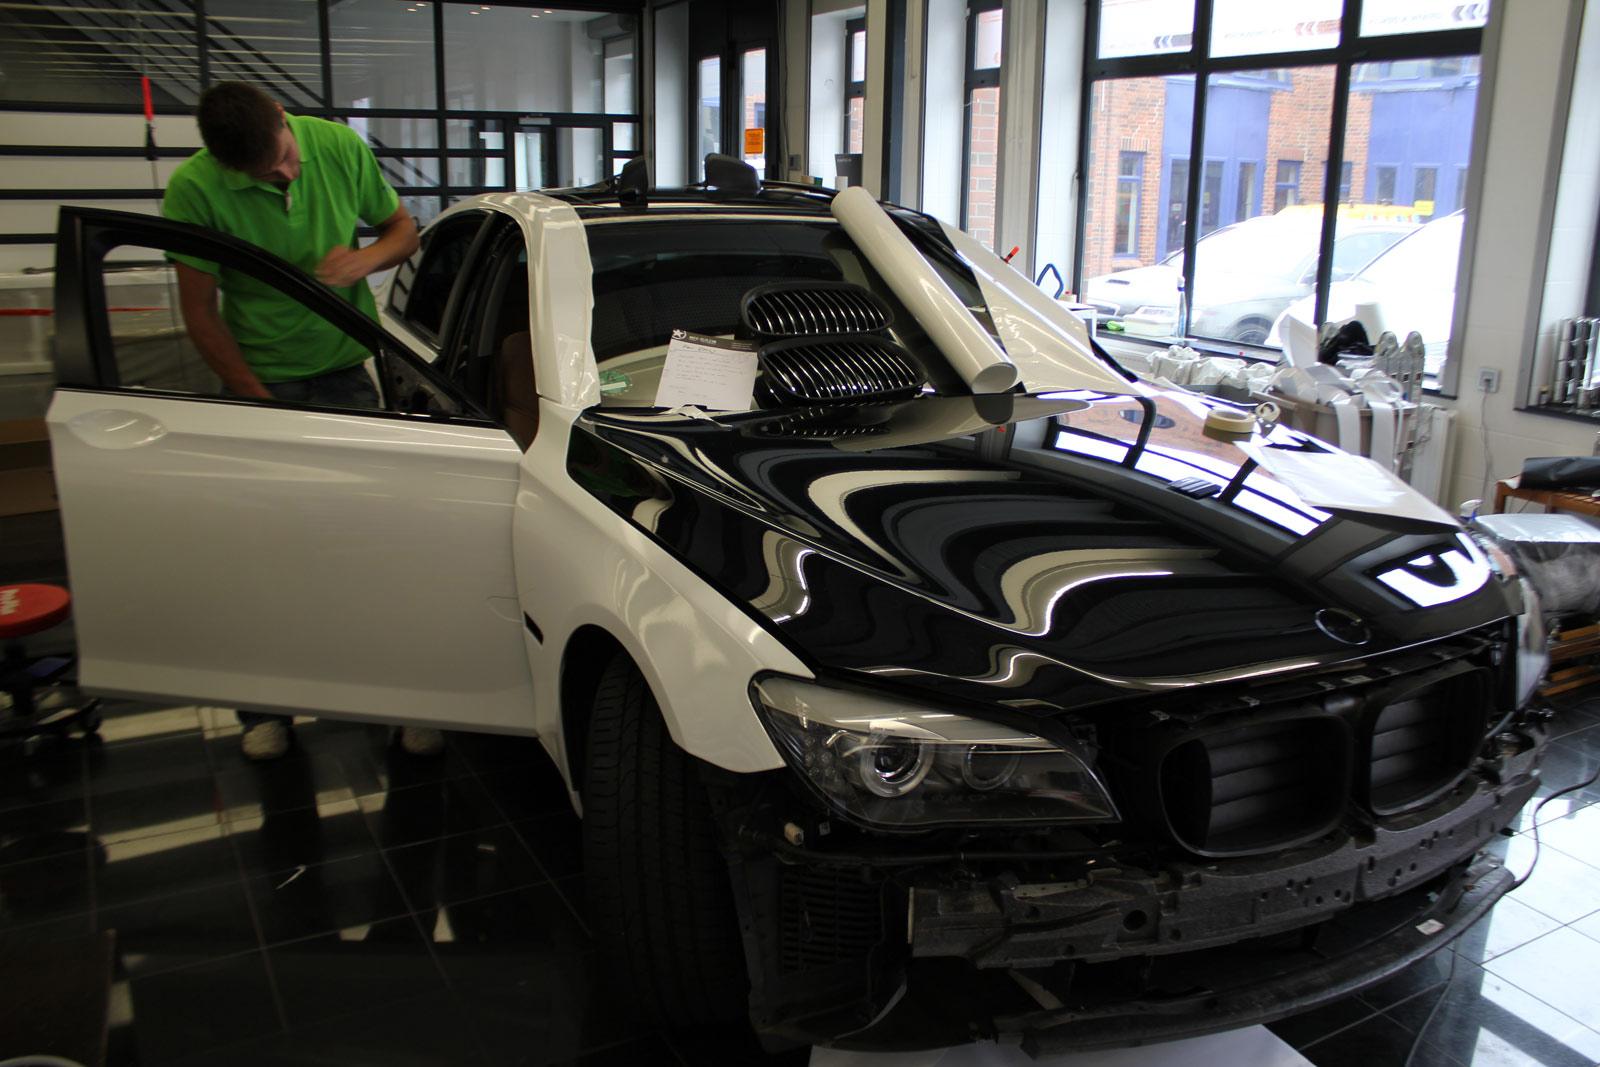 BMW_7er_Folierung_Weiss_Metallic_Schwarz_Glanz_07